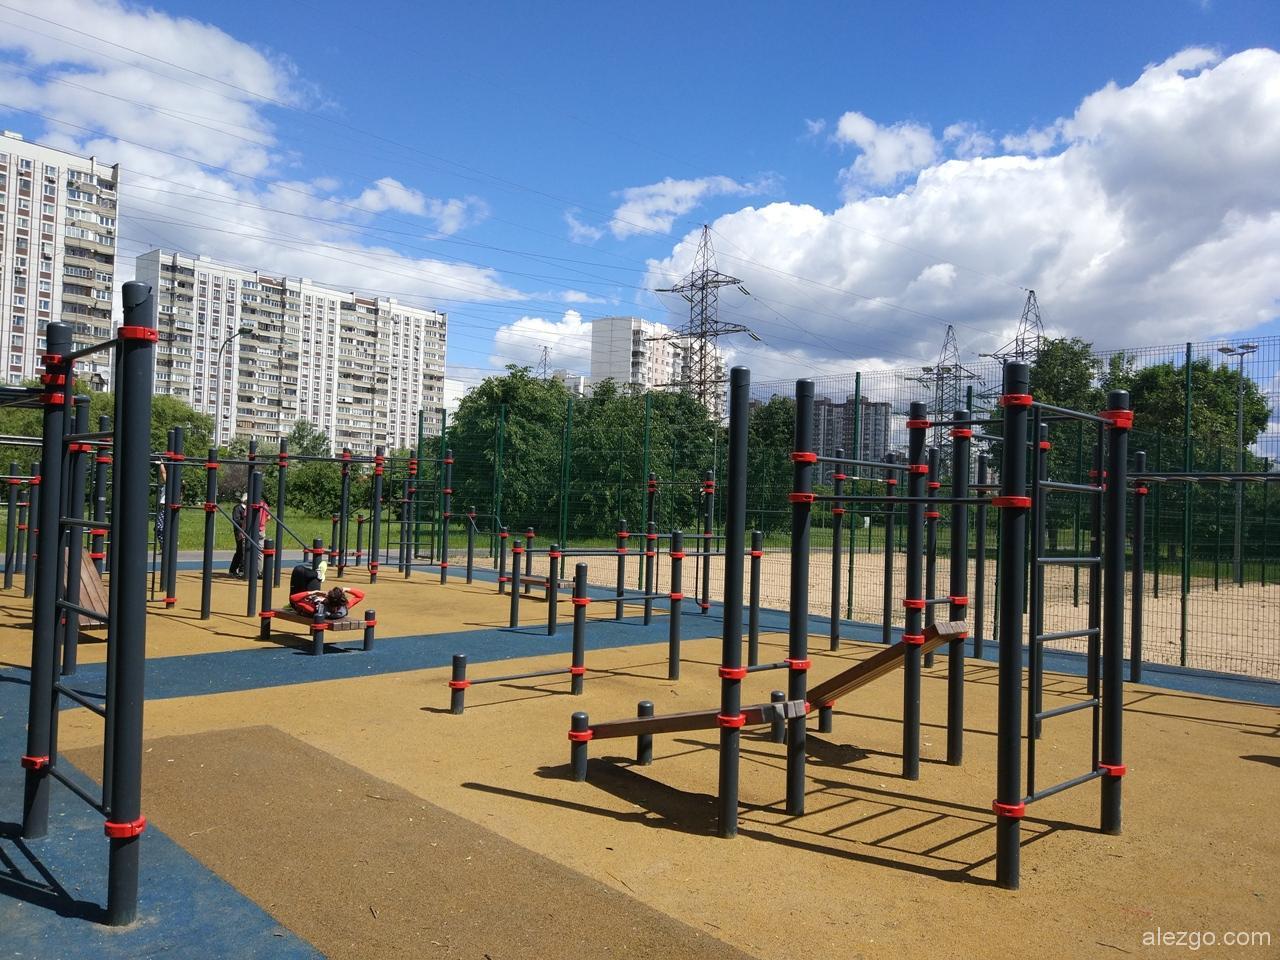 парк 850 летия москвы, парк 850 летия москвы после реконструкции, парк в марьино